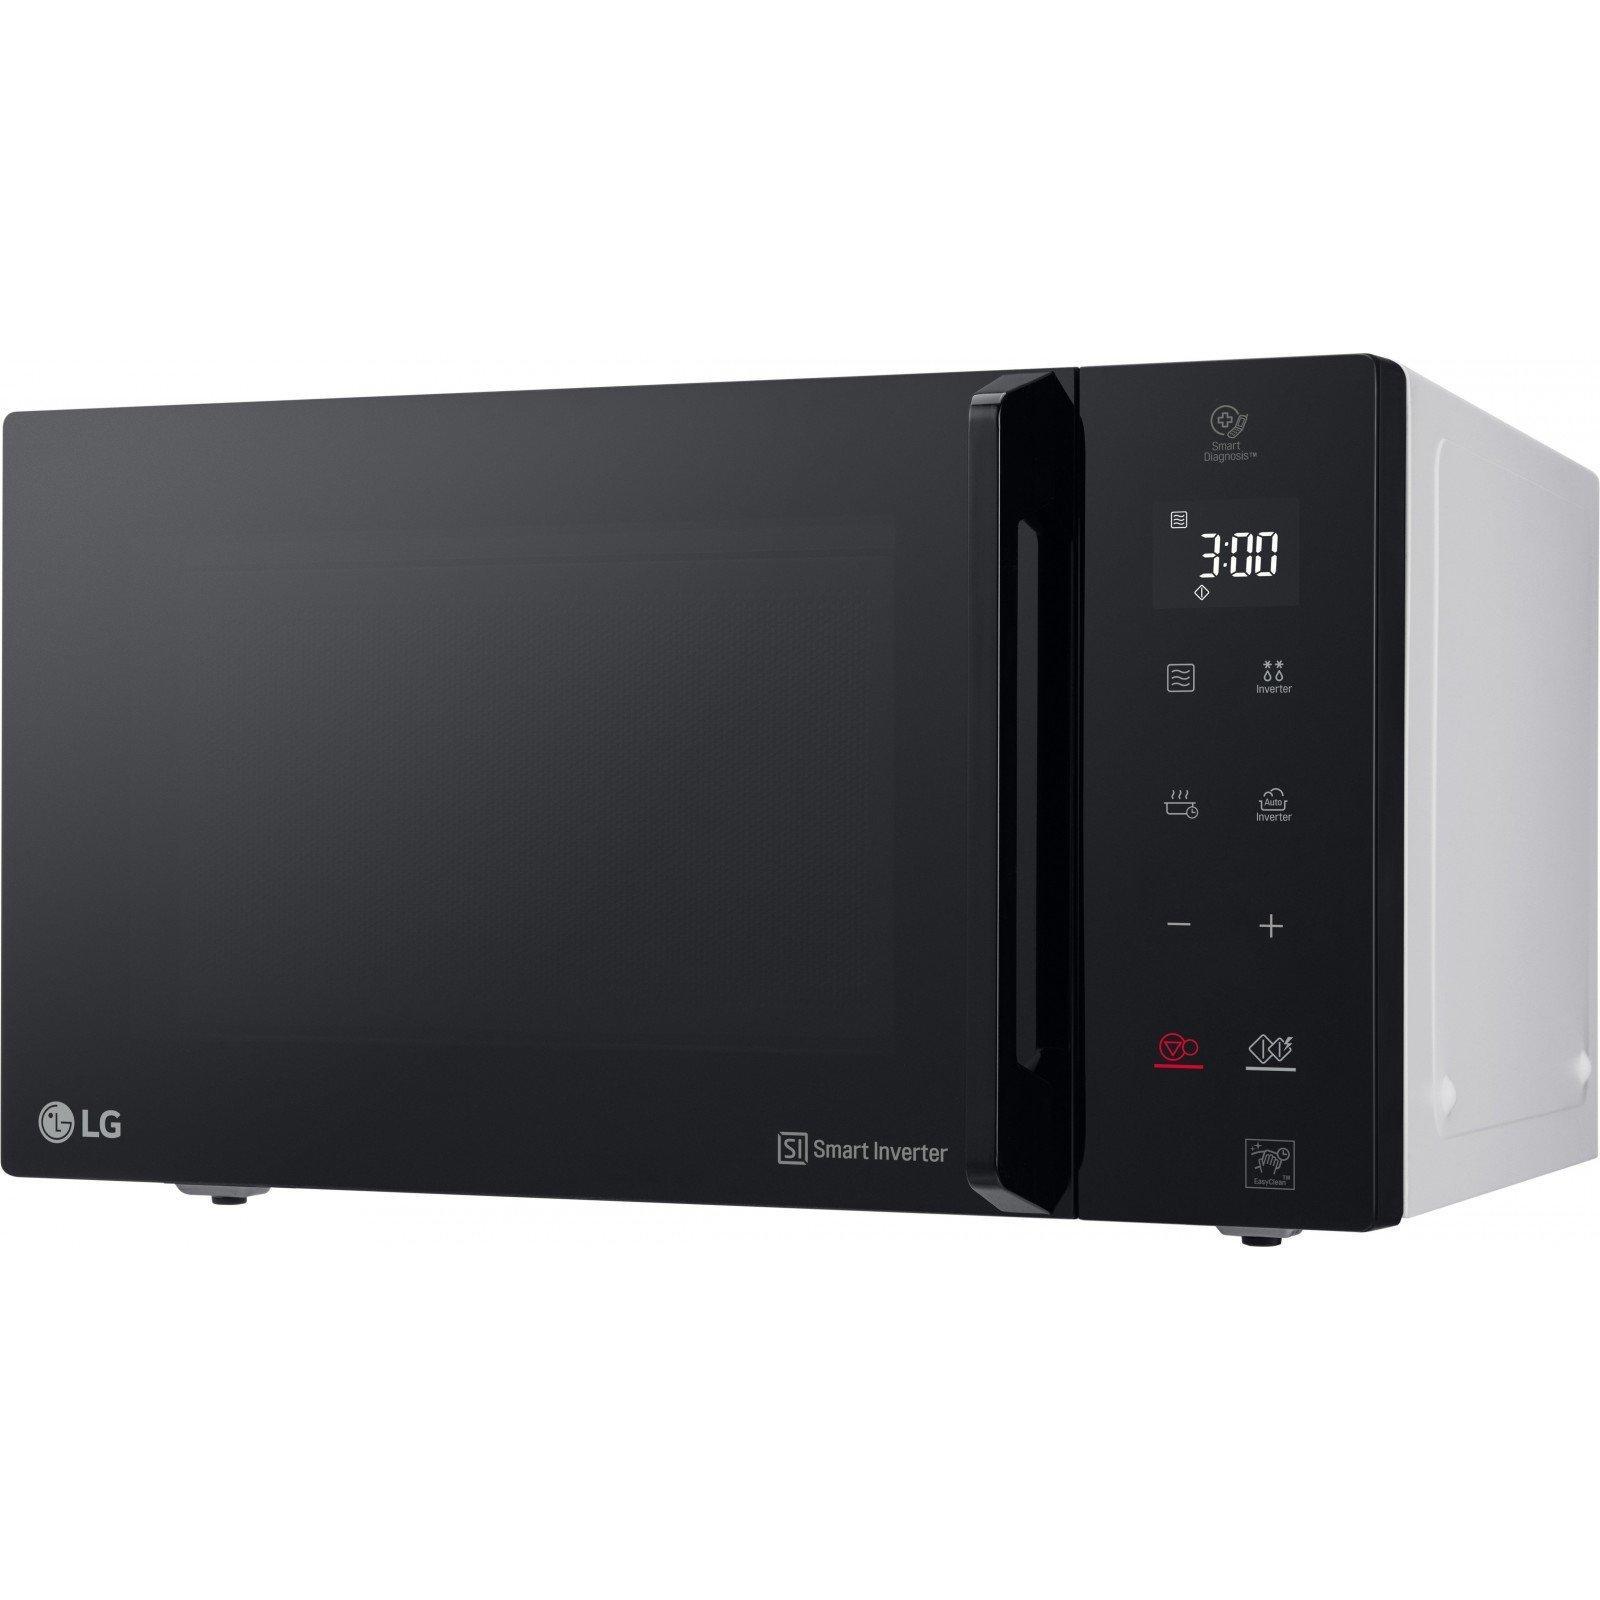 Микроволновая печь LG MS2595FISW изображение 3